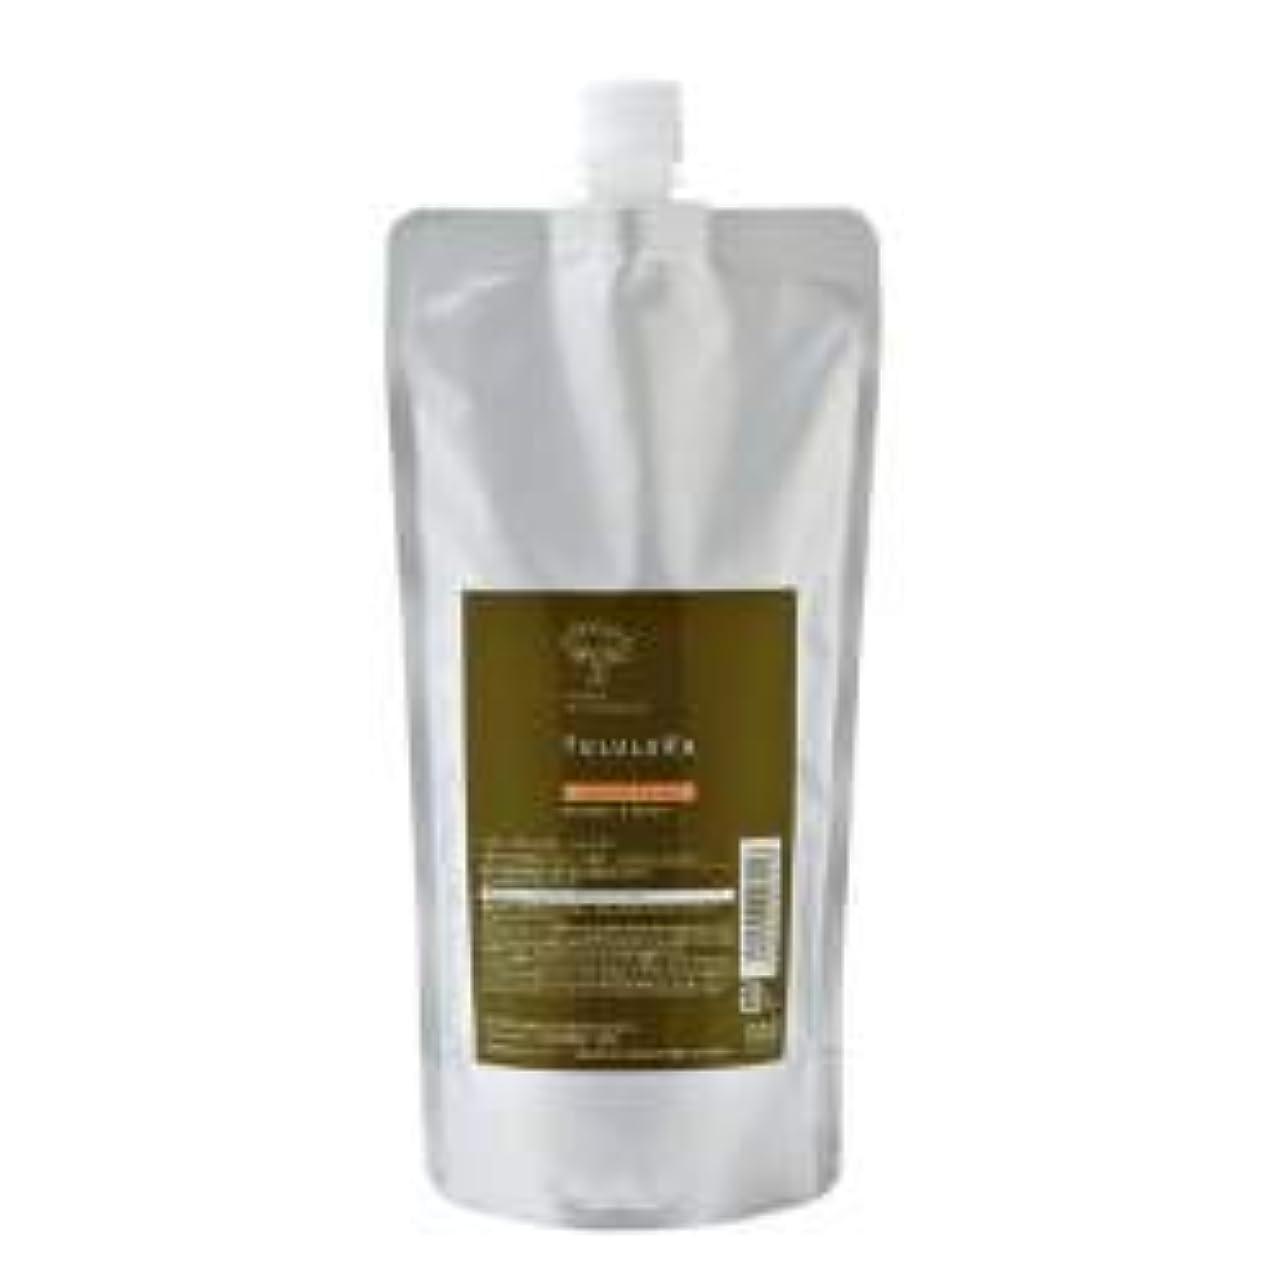 サンダル極端な作りユルルカ シプレーヴァイタル シャンプー詰替用(500mL)